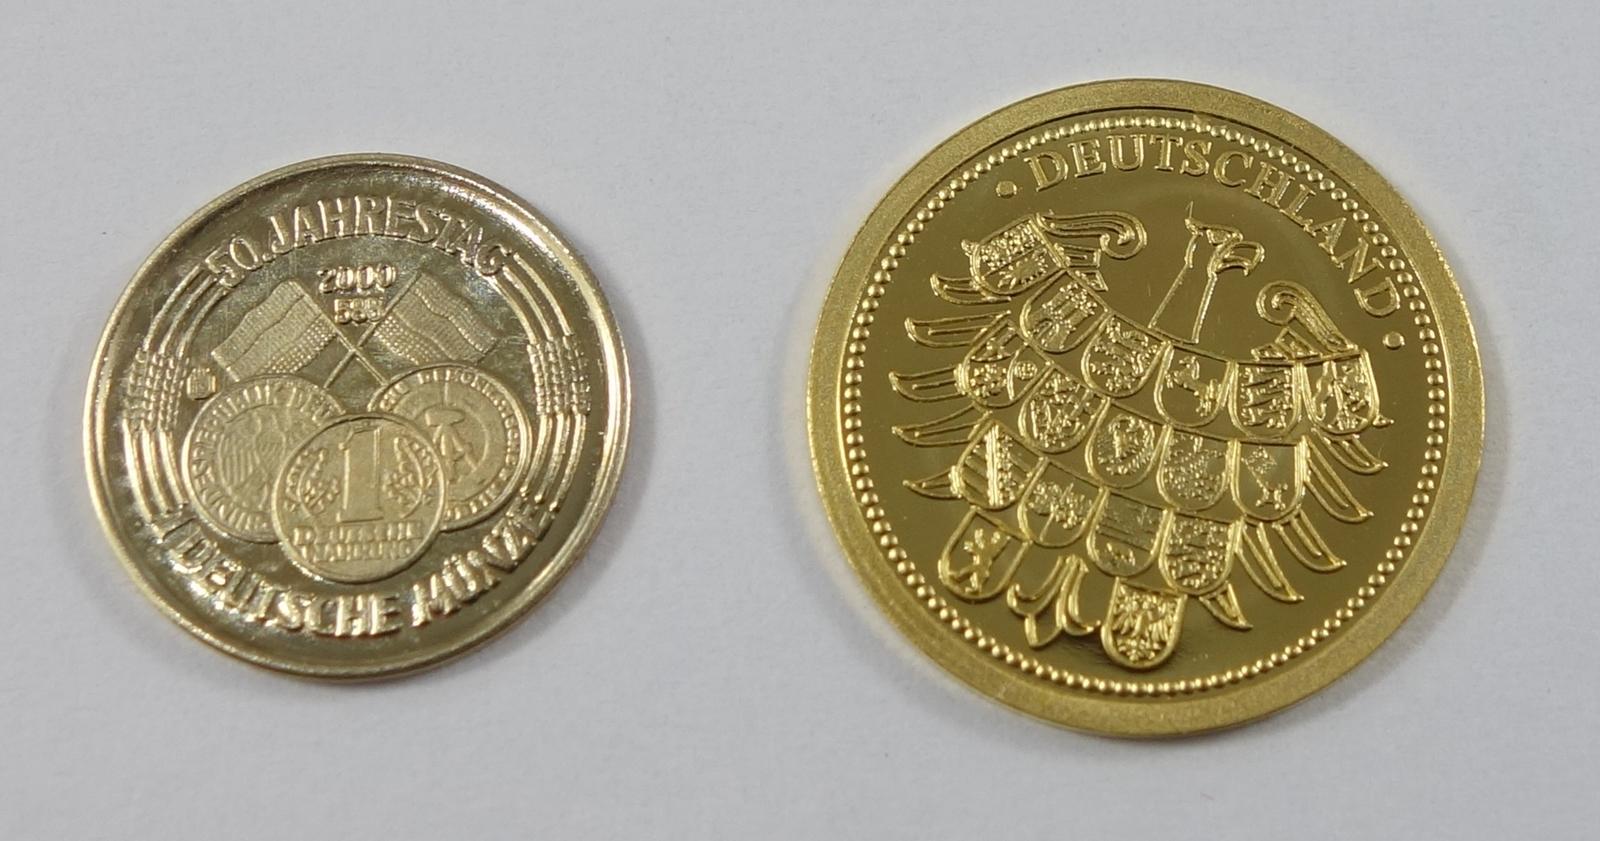 """2 Miniatur-Goldmünzen, Gold; """"50.Jahrestag Deutsche Münze 1950-2000"""", 2000, 585er Gold, Gew.0,5g, - Bild 2 aus 2"""